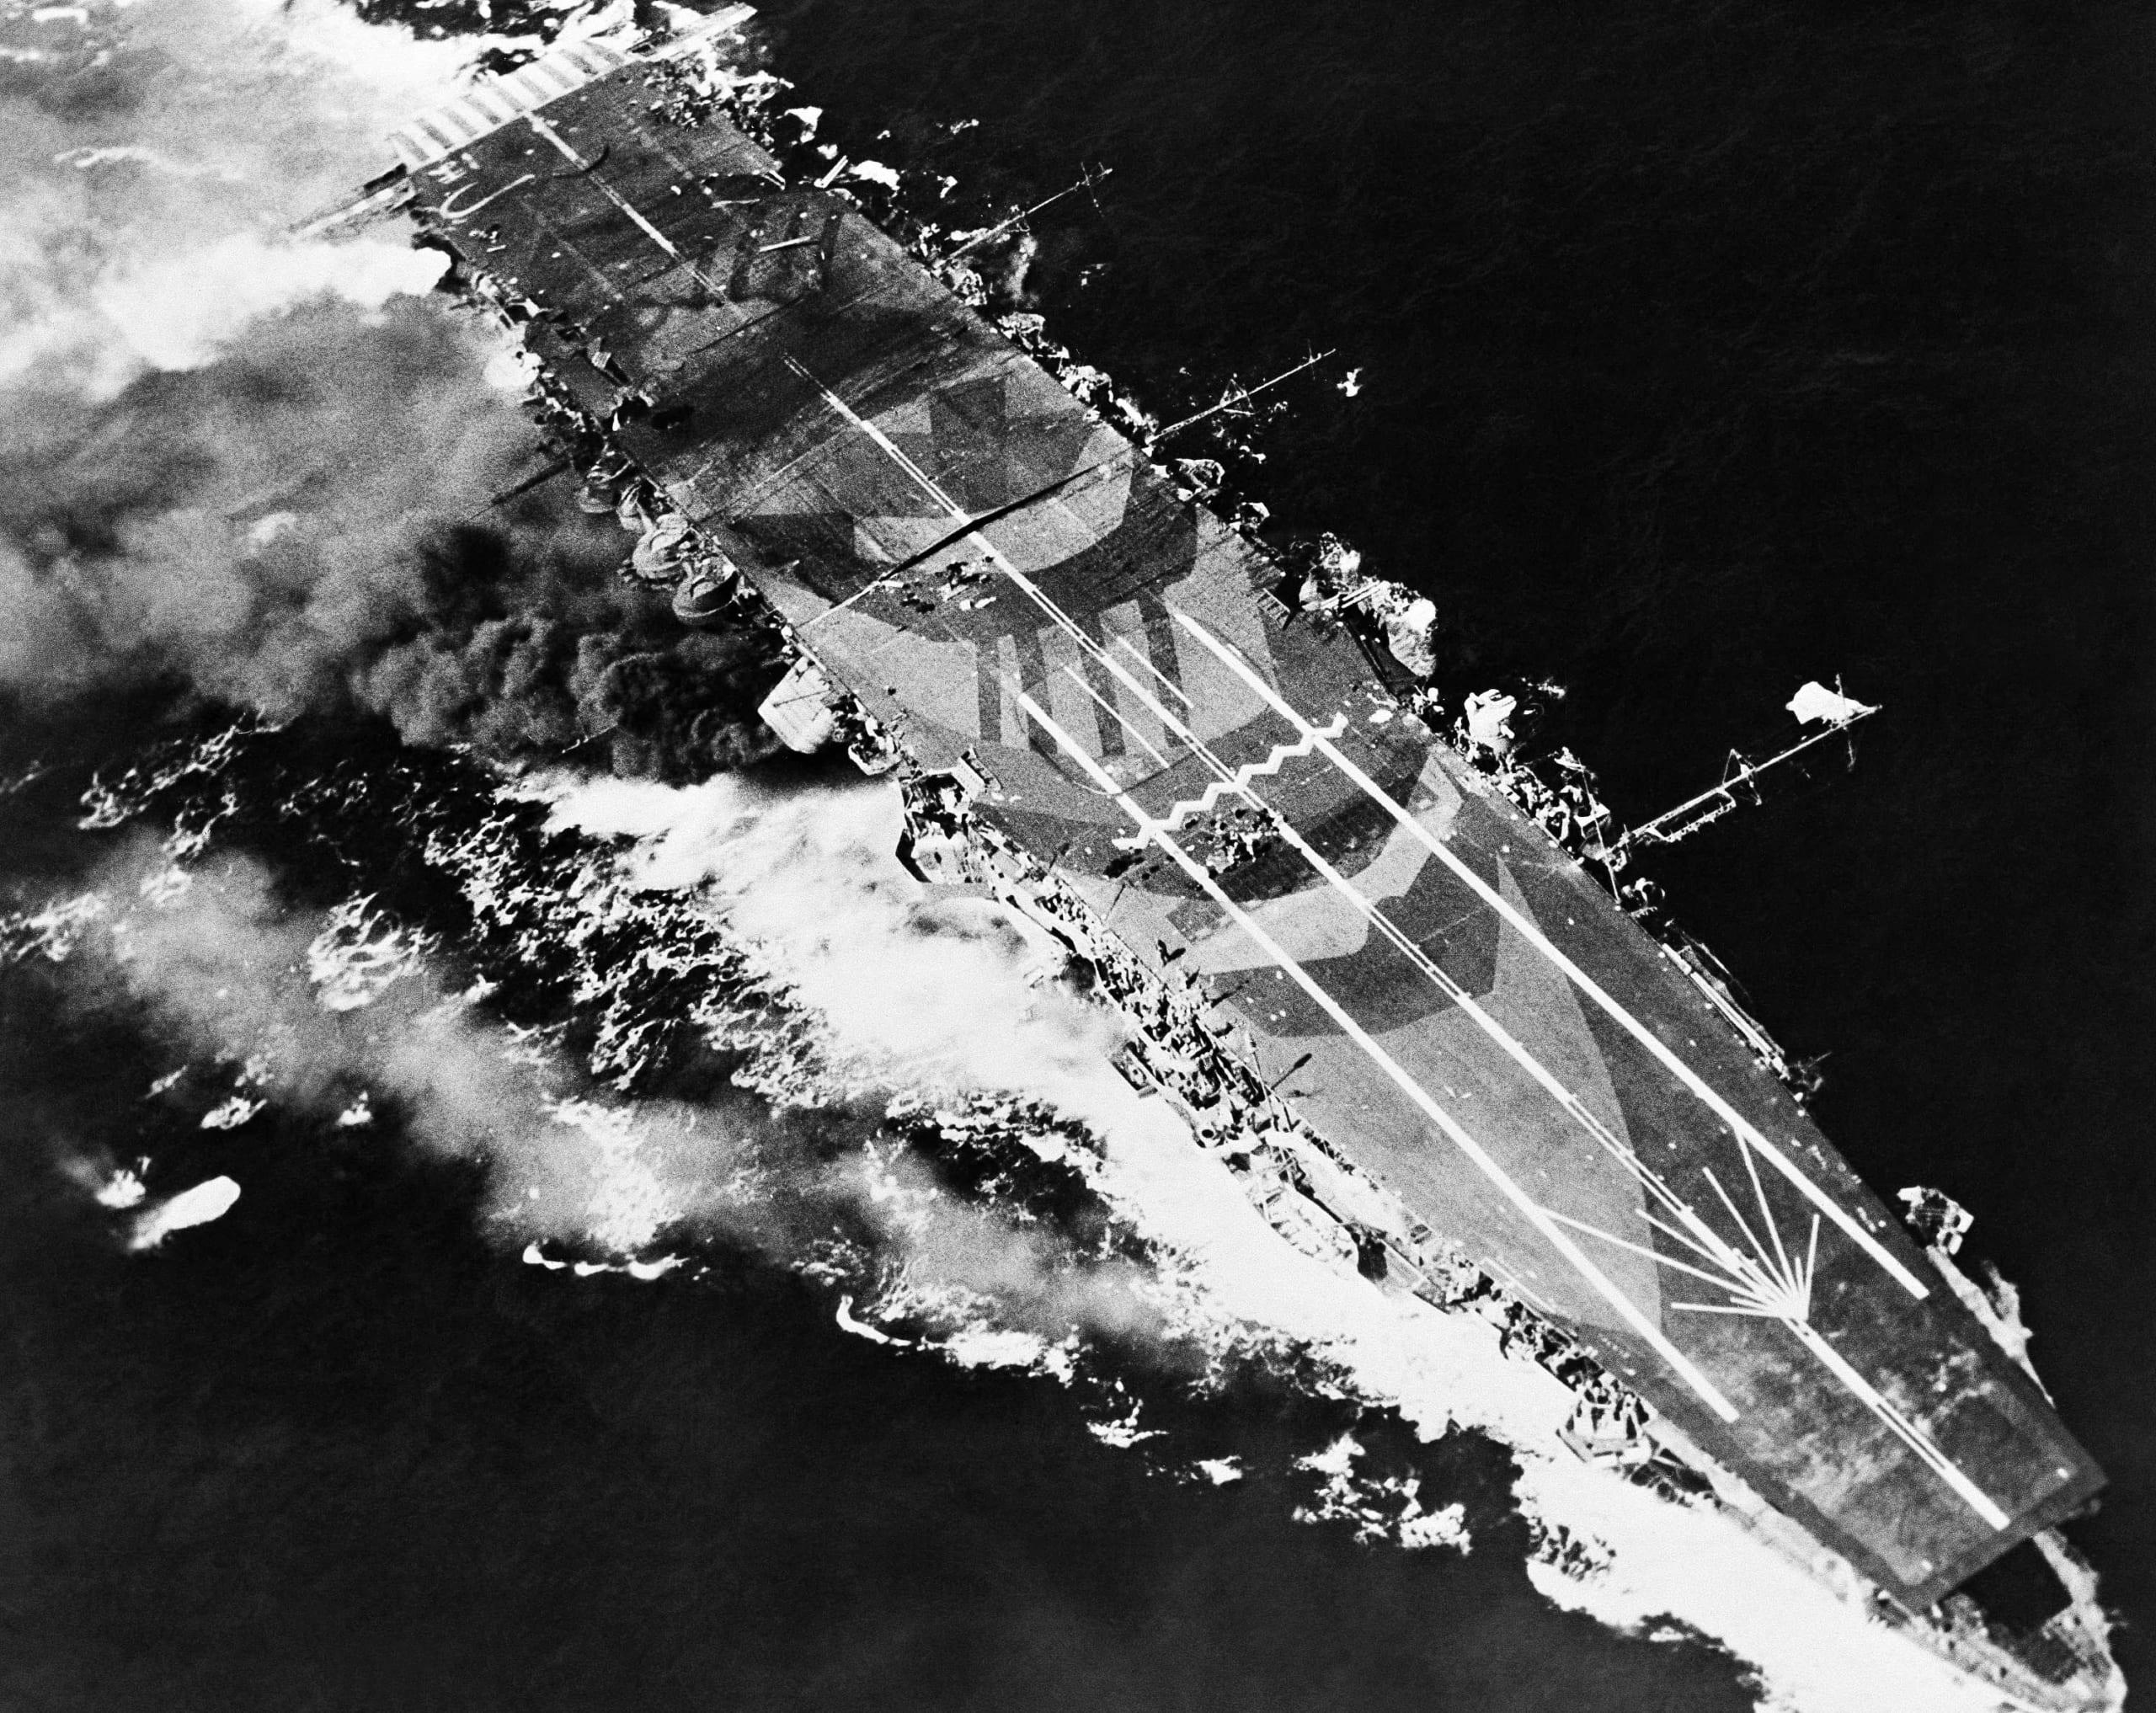 米軍機の猛攻にさらさる戦艦武蔵、シブヤン海に沈没 <br />